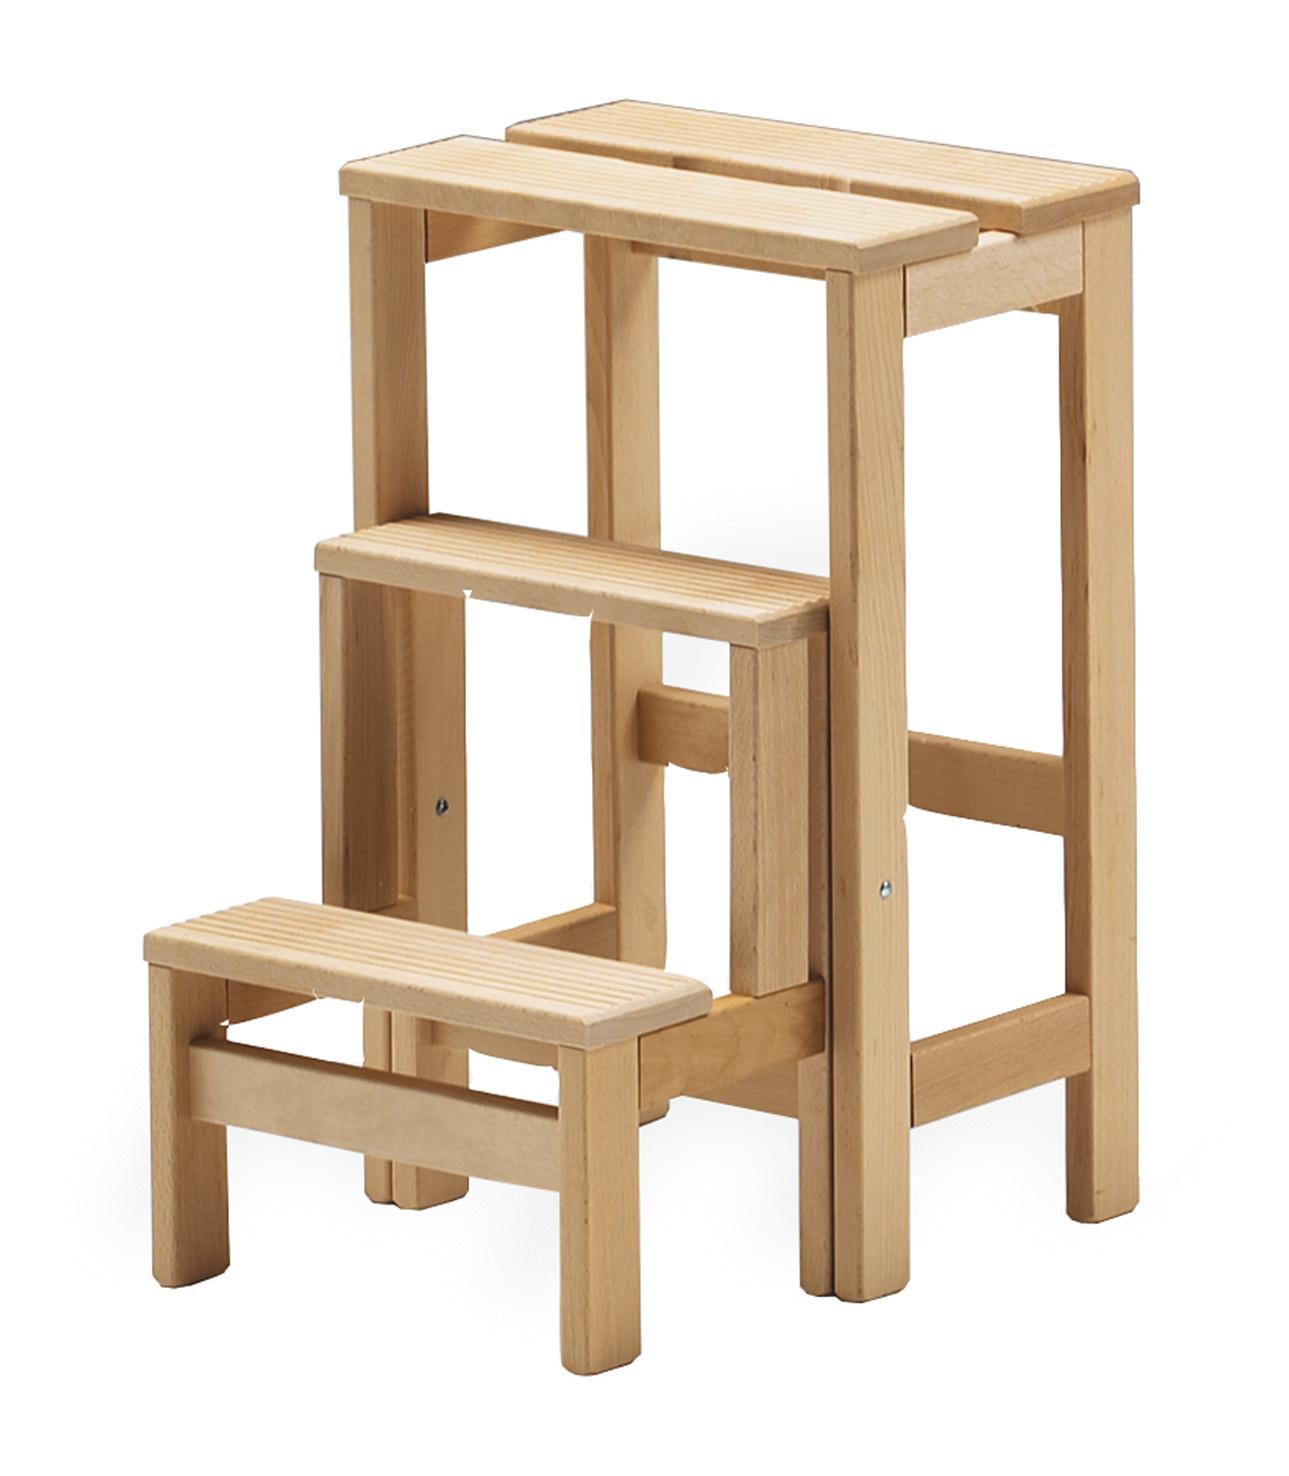 Taburete escalera decora descans complementos mueble hogar for Madera para hacer escaleras